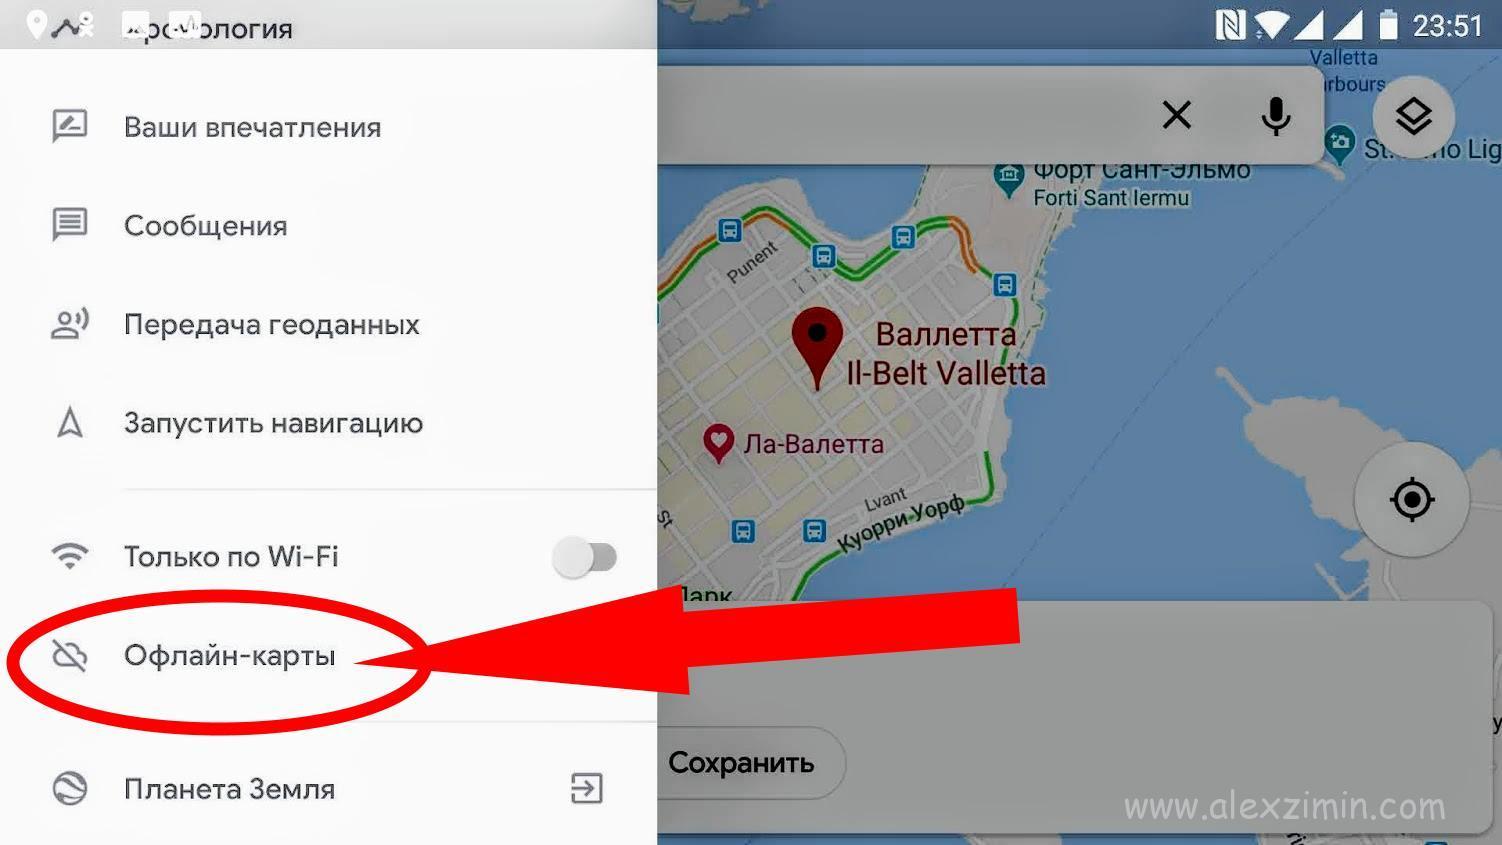 Как скачать карту Мальты в Гугл мэпс 2